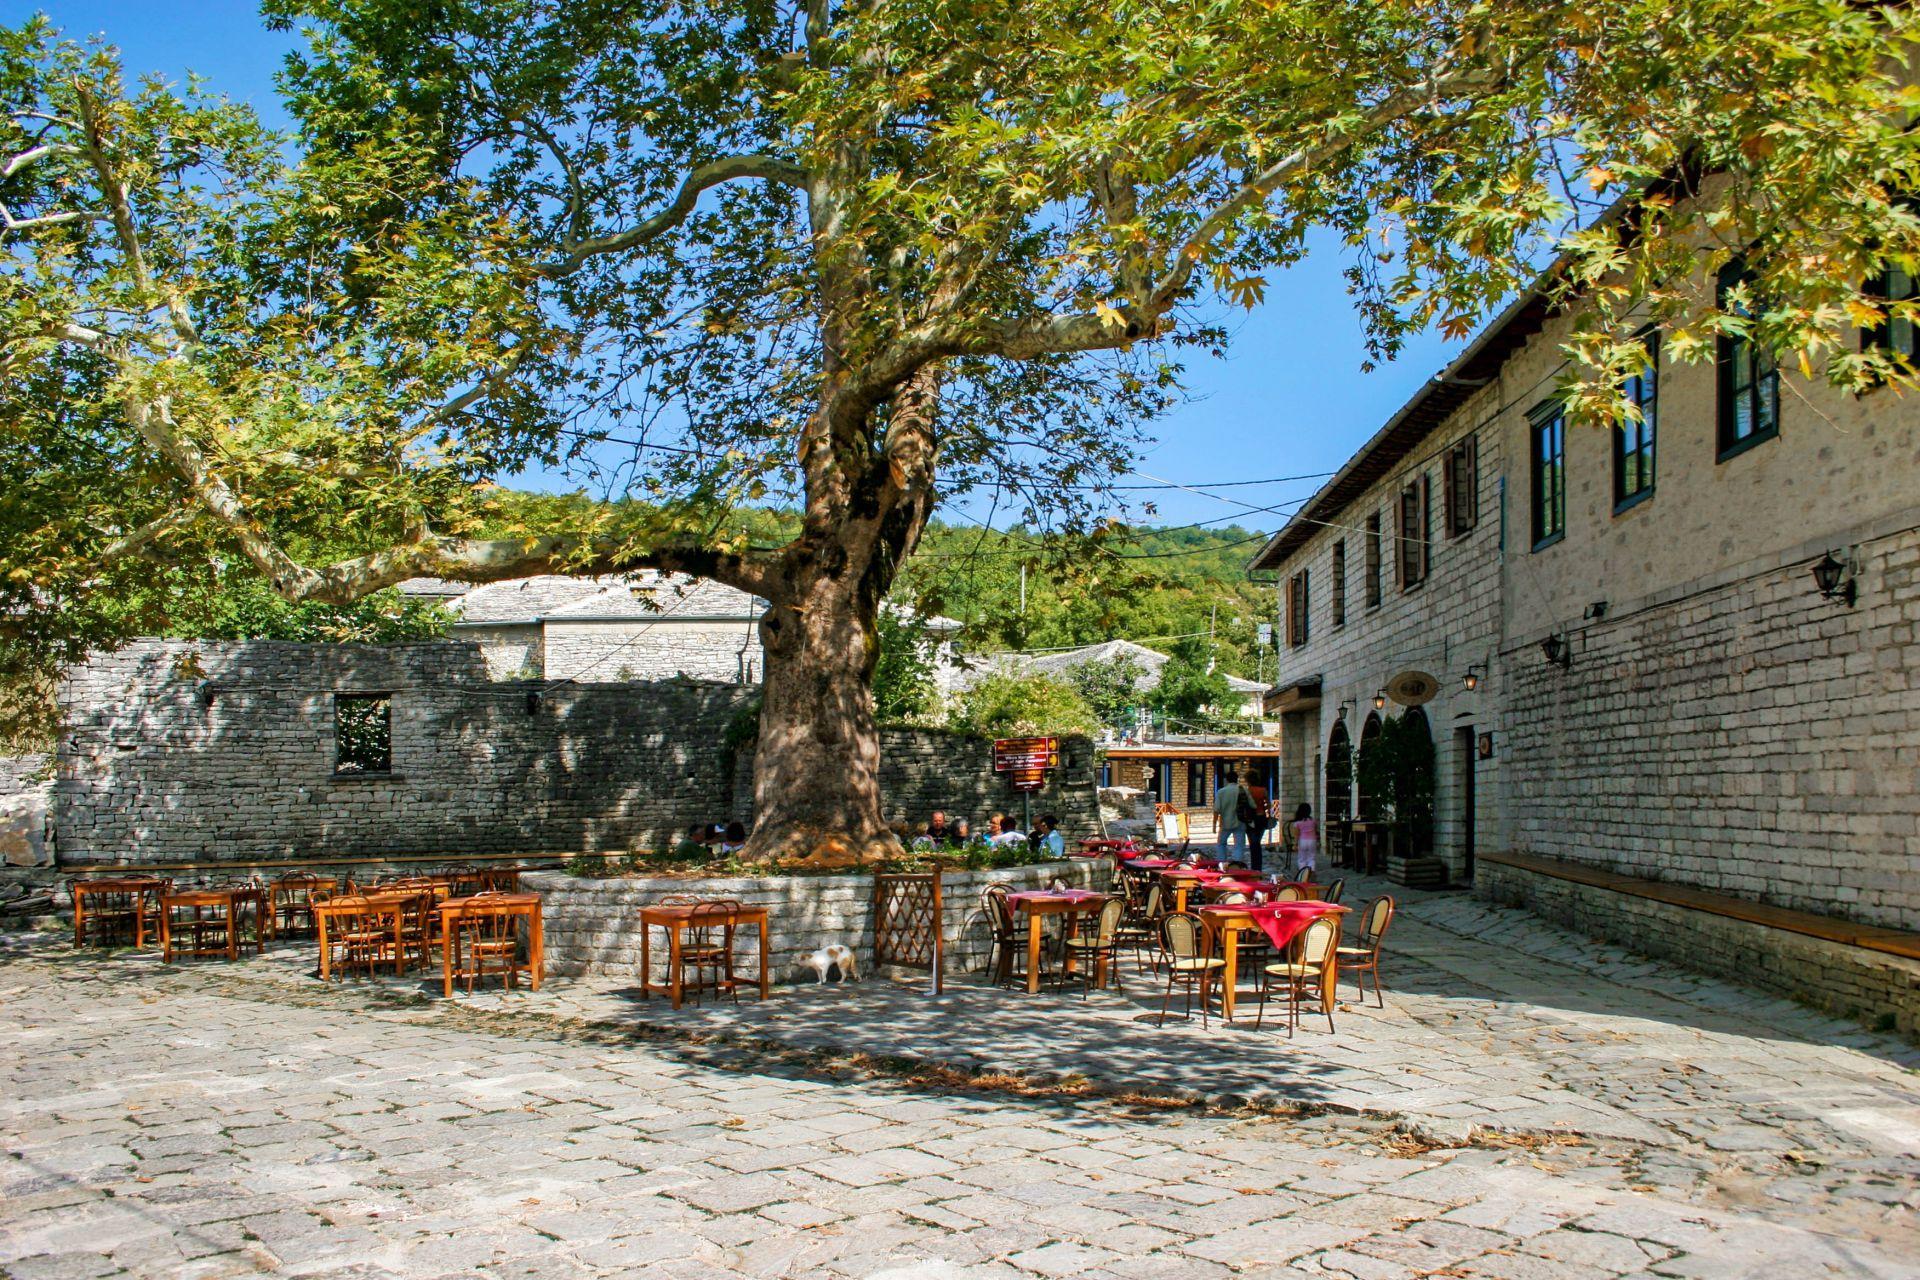 Restaurants in Zagorochoria